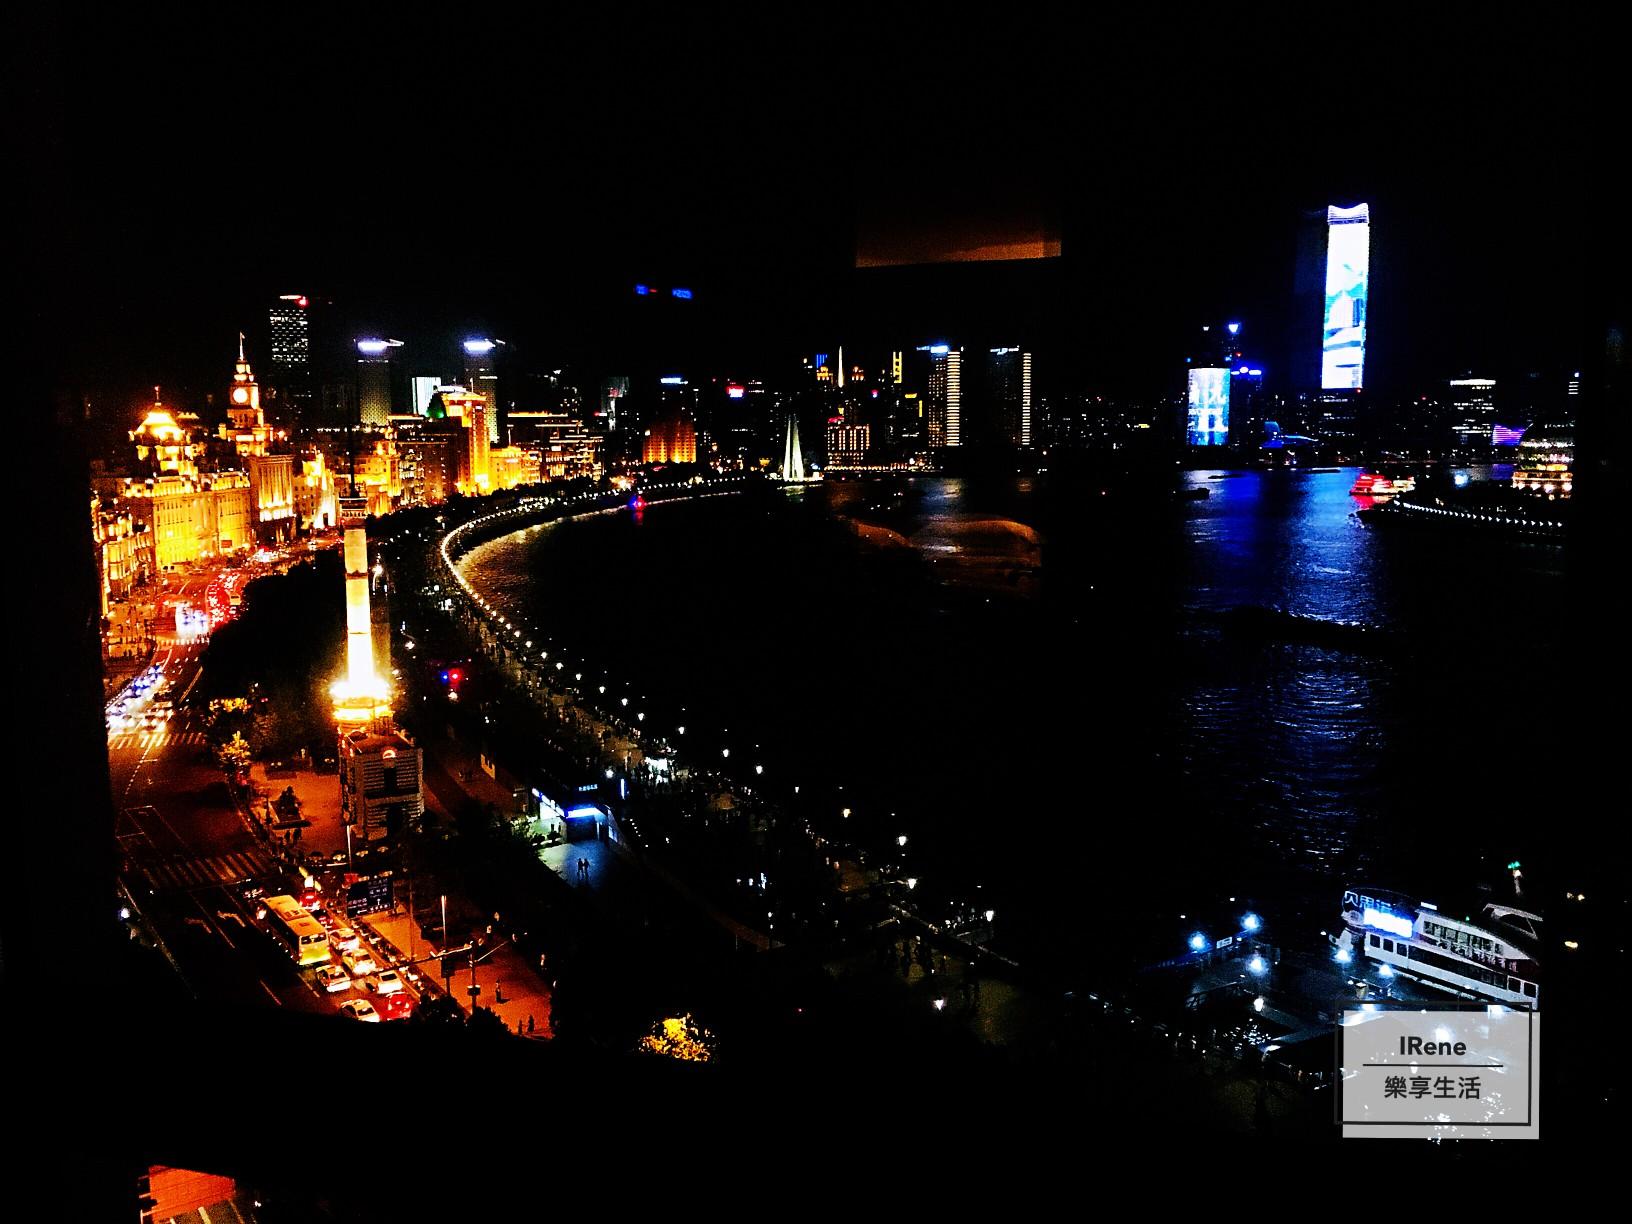 上海住宿推薦-上海外灘東方商旅精品酒店外灘夜景